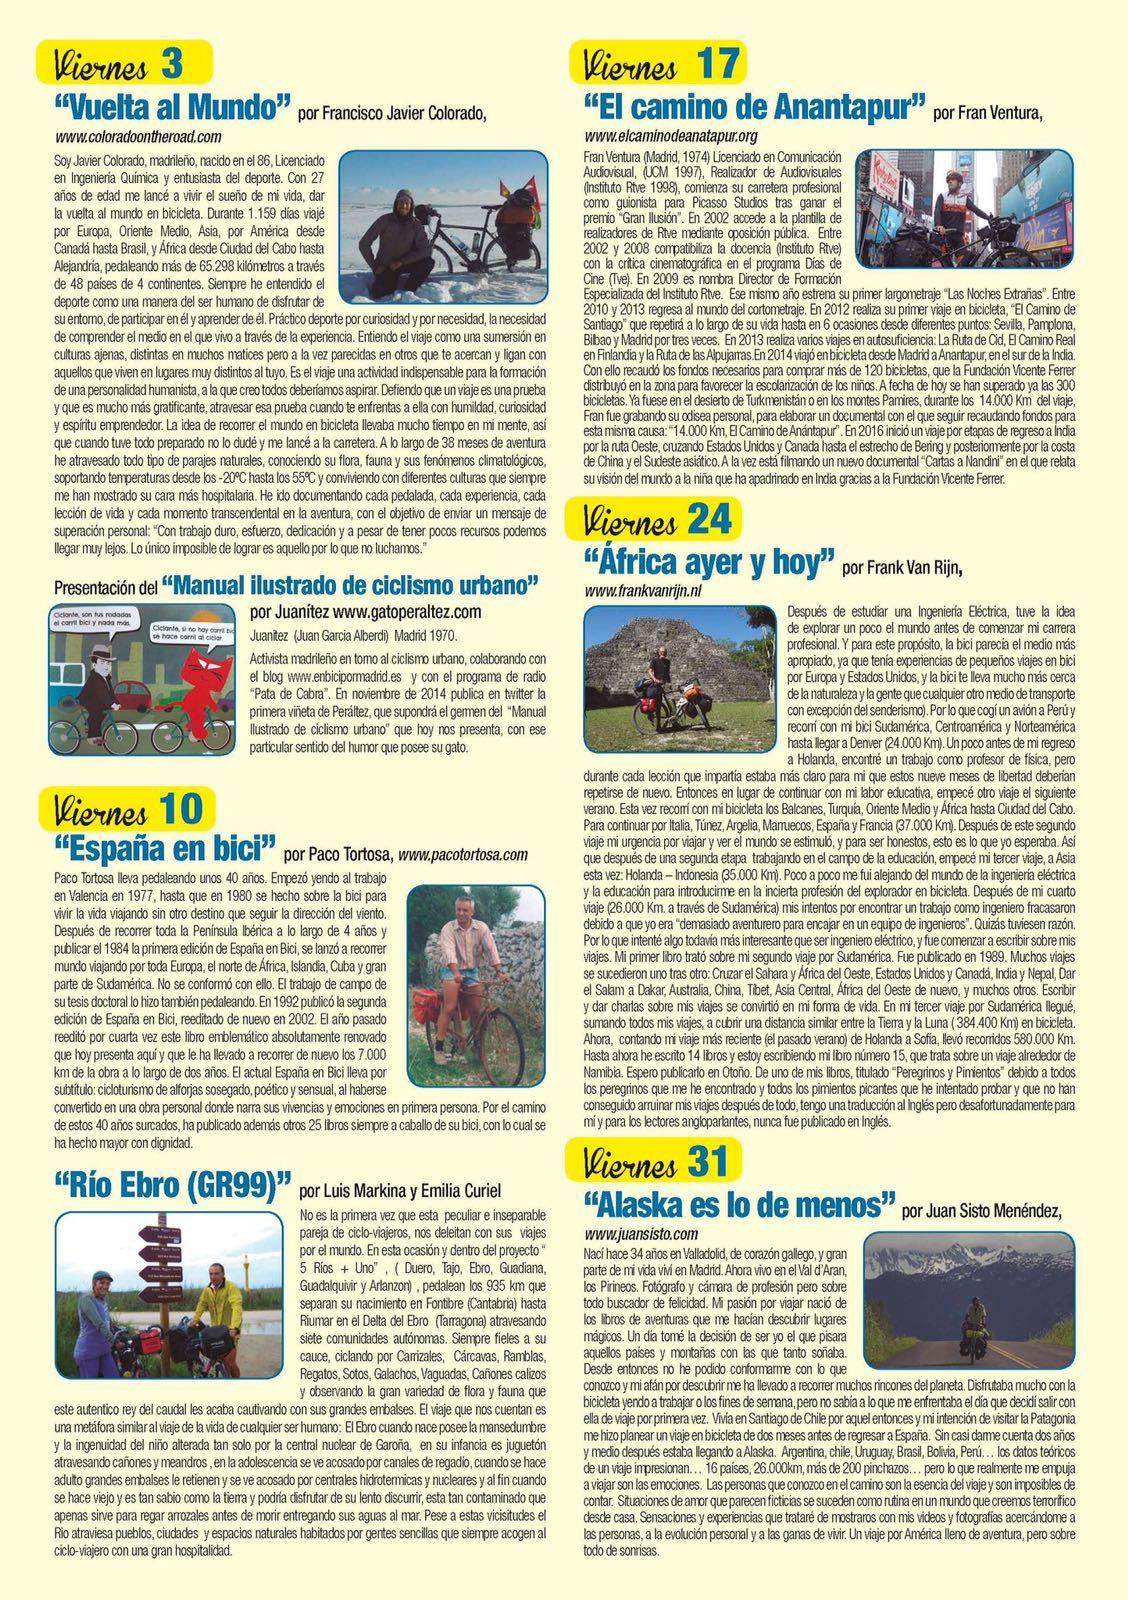 Triptico XXI Jornadas el mundo en bicicleta